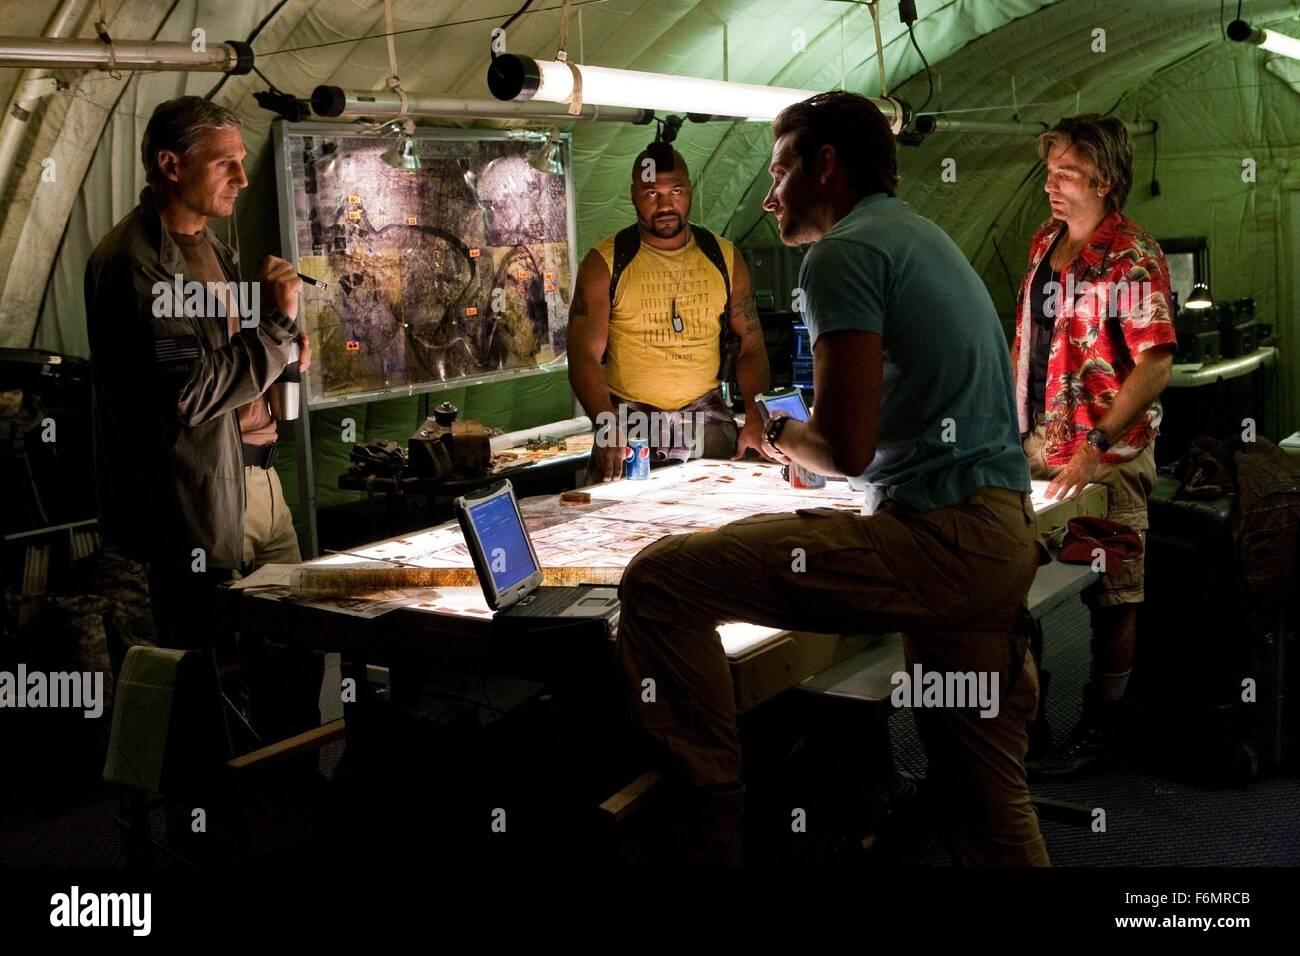 Erscheinungsdatum: 11. Juni 2010. Titel: Das a-Team. STUDIO ...